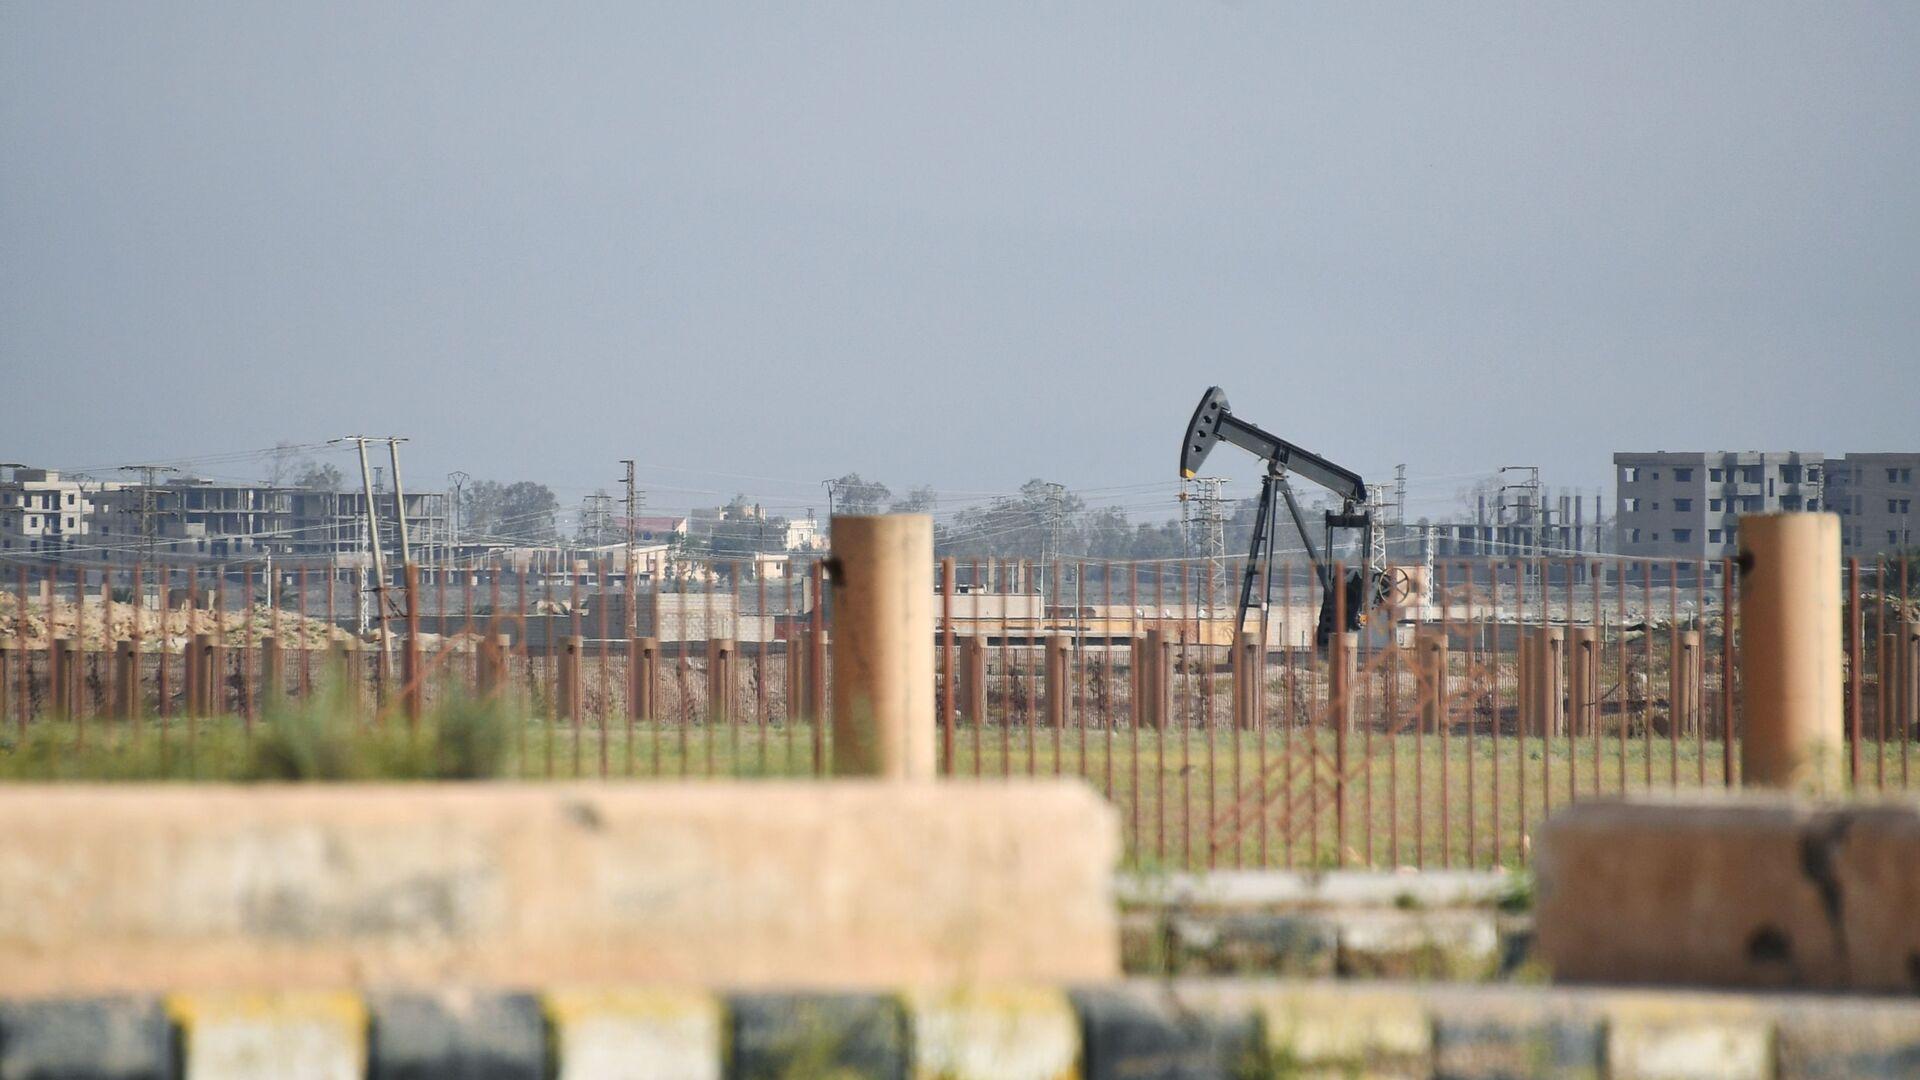 Estrazione di petrolio in Siria - Sputnik Italia, 1920, 27.05.2021